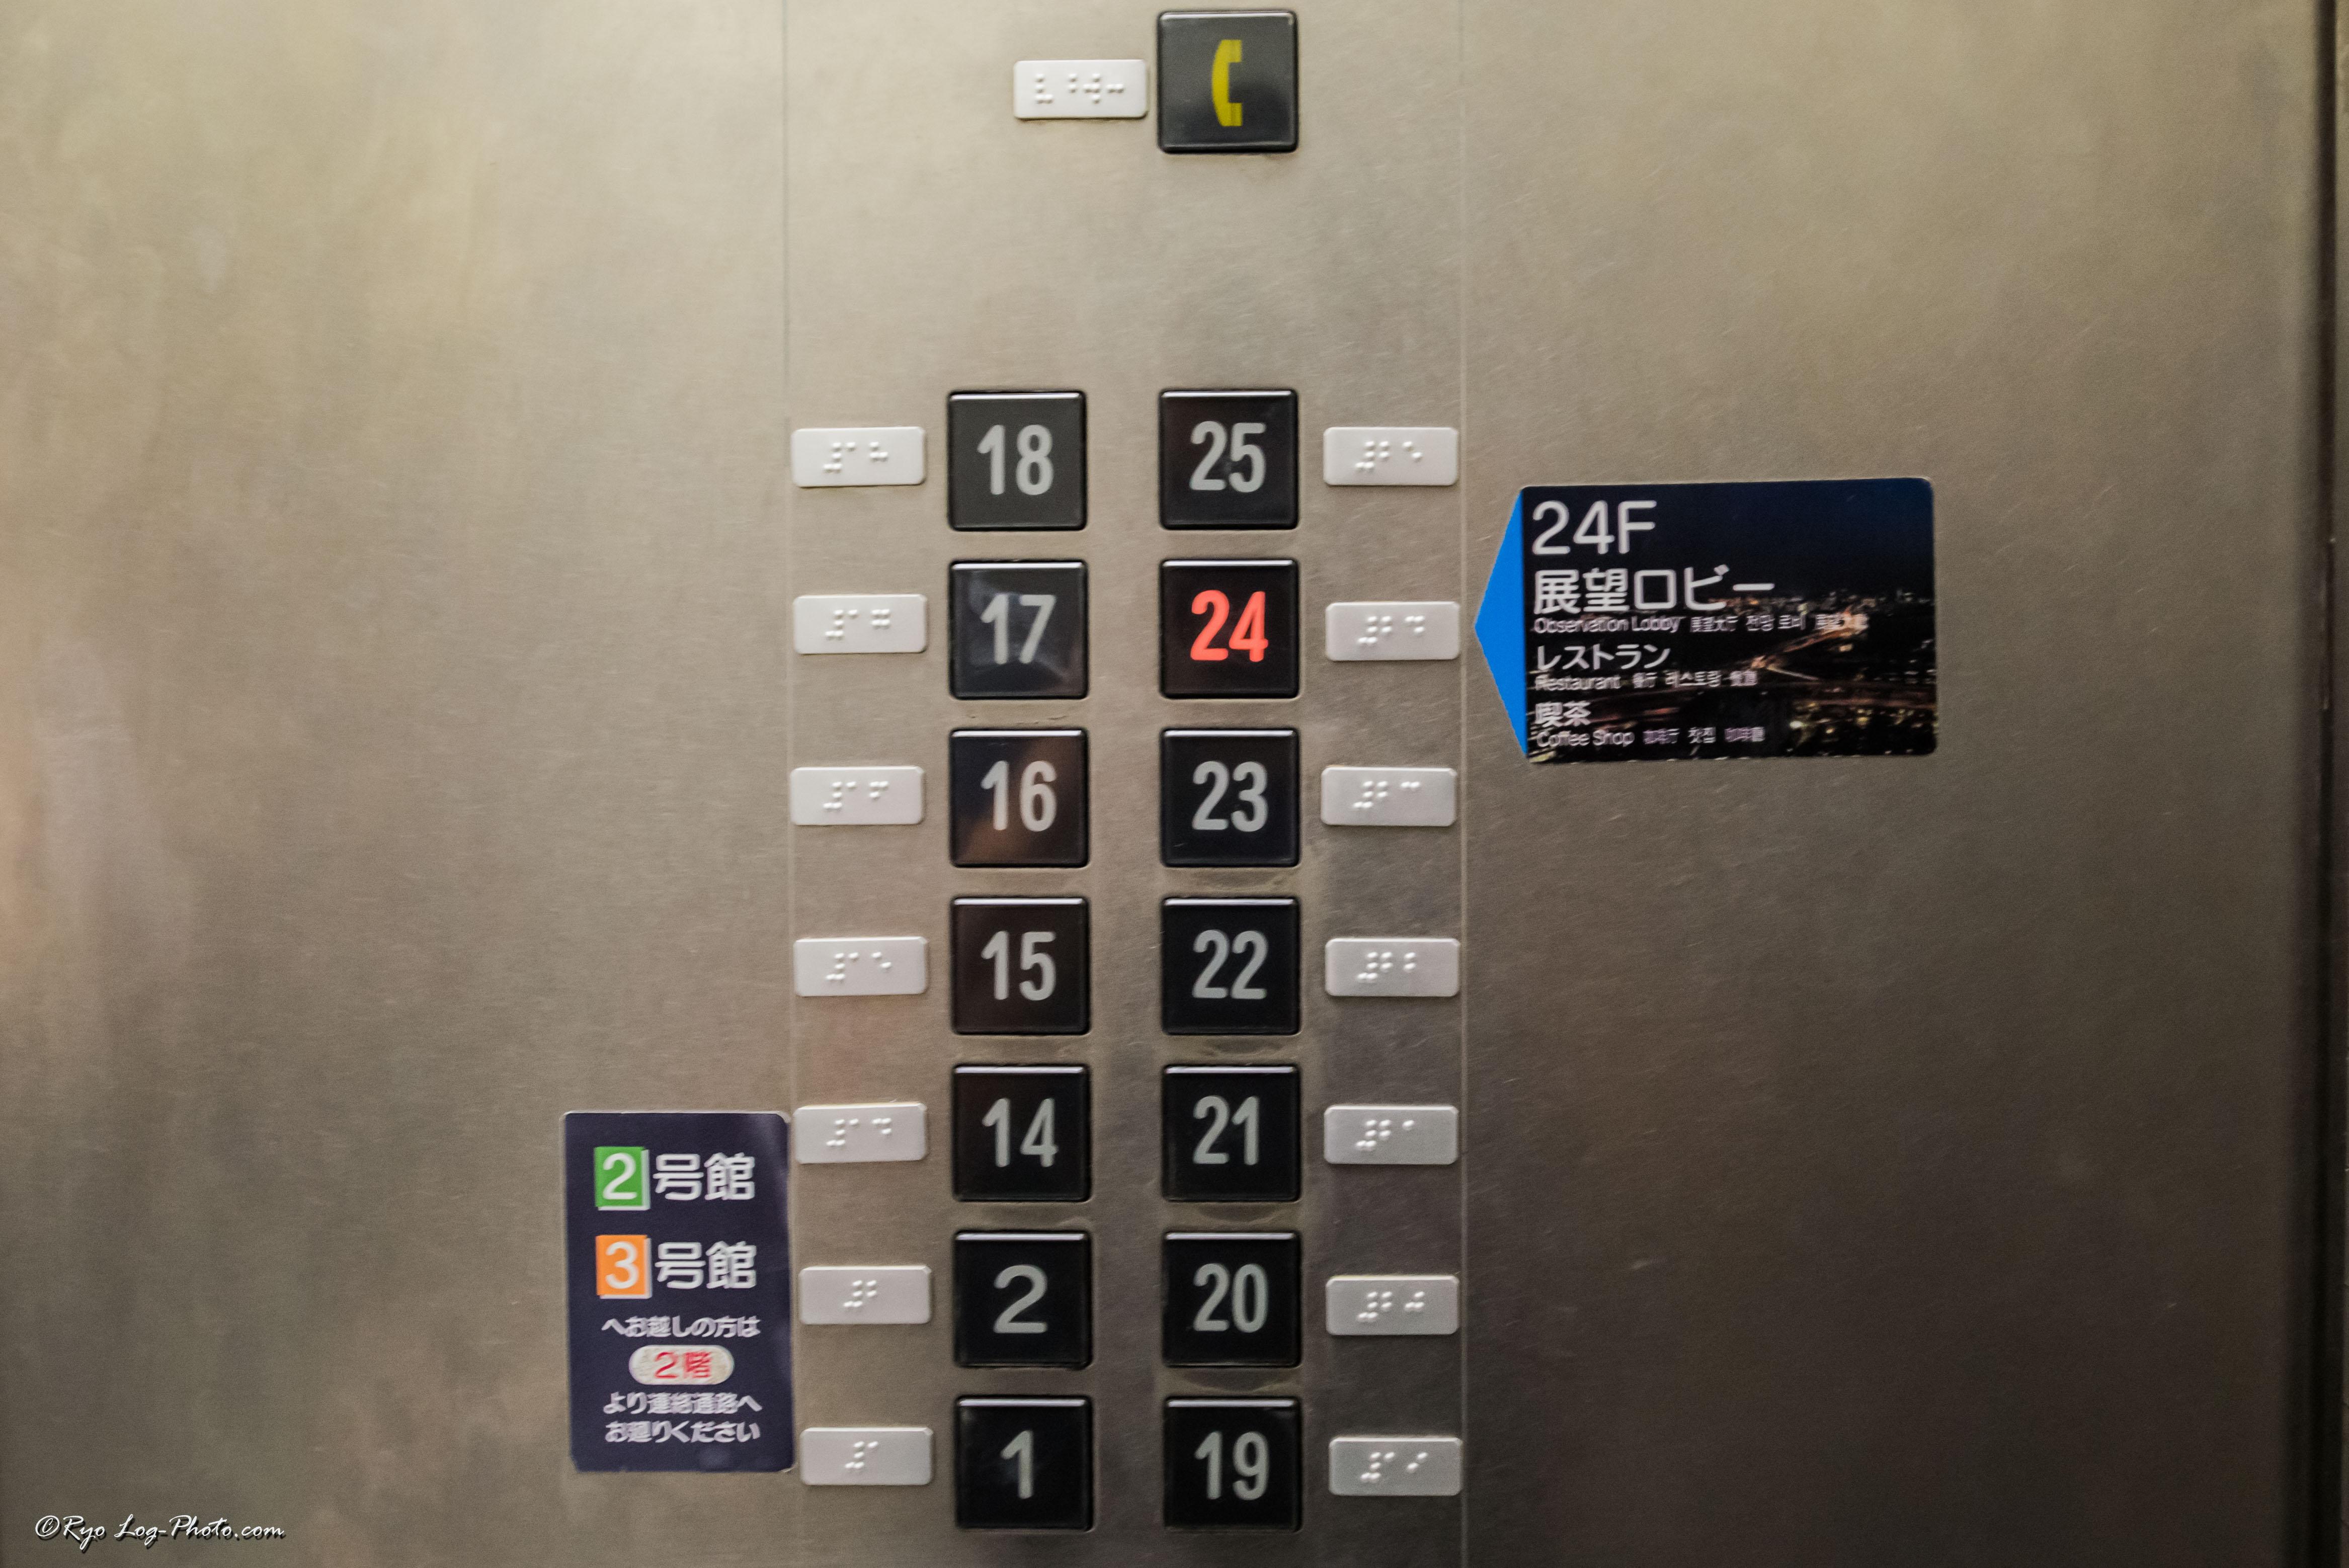 神戸市役所 夜景 六甲山 エレベーター